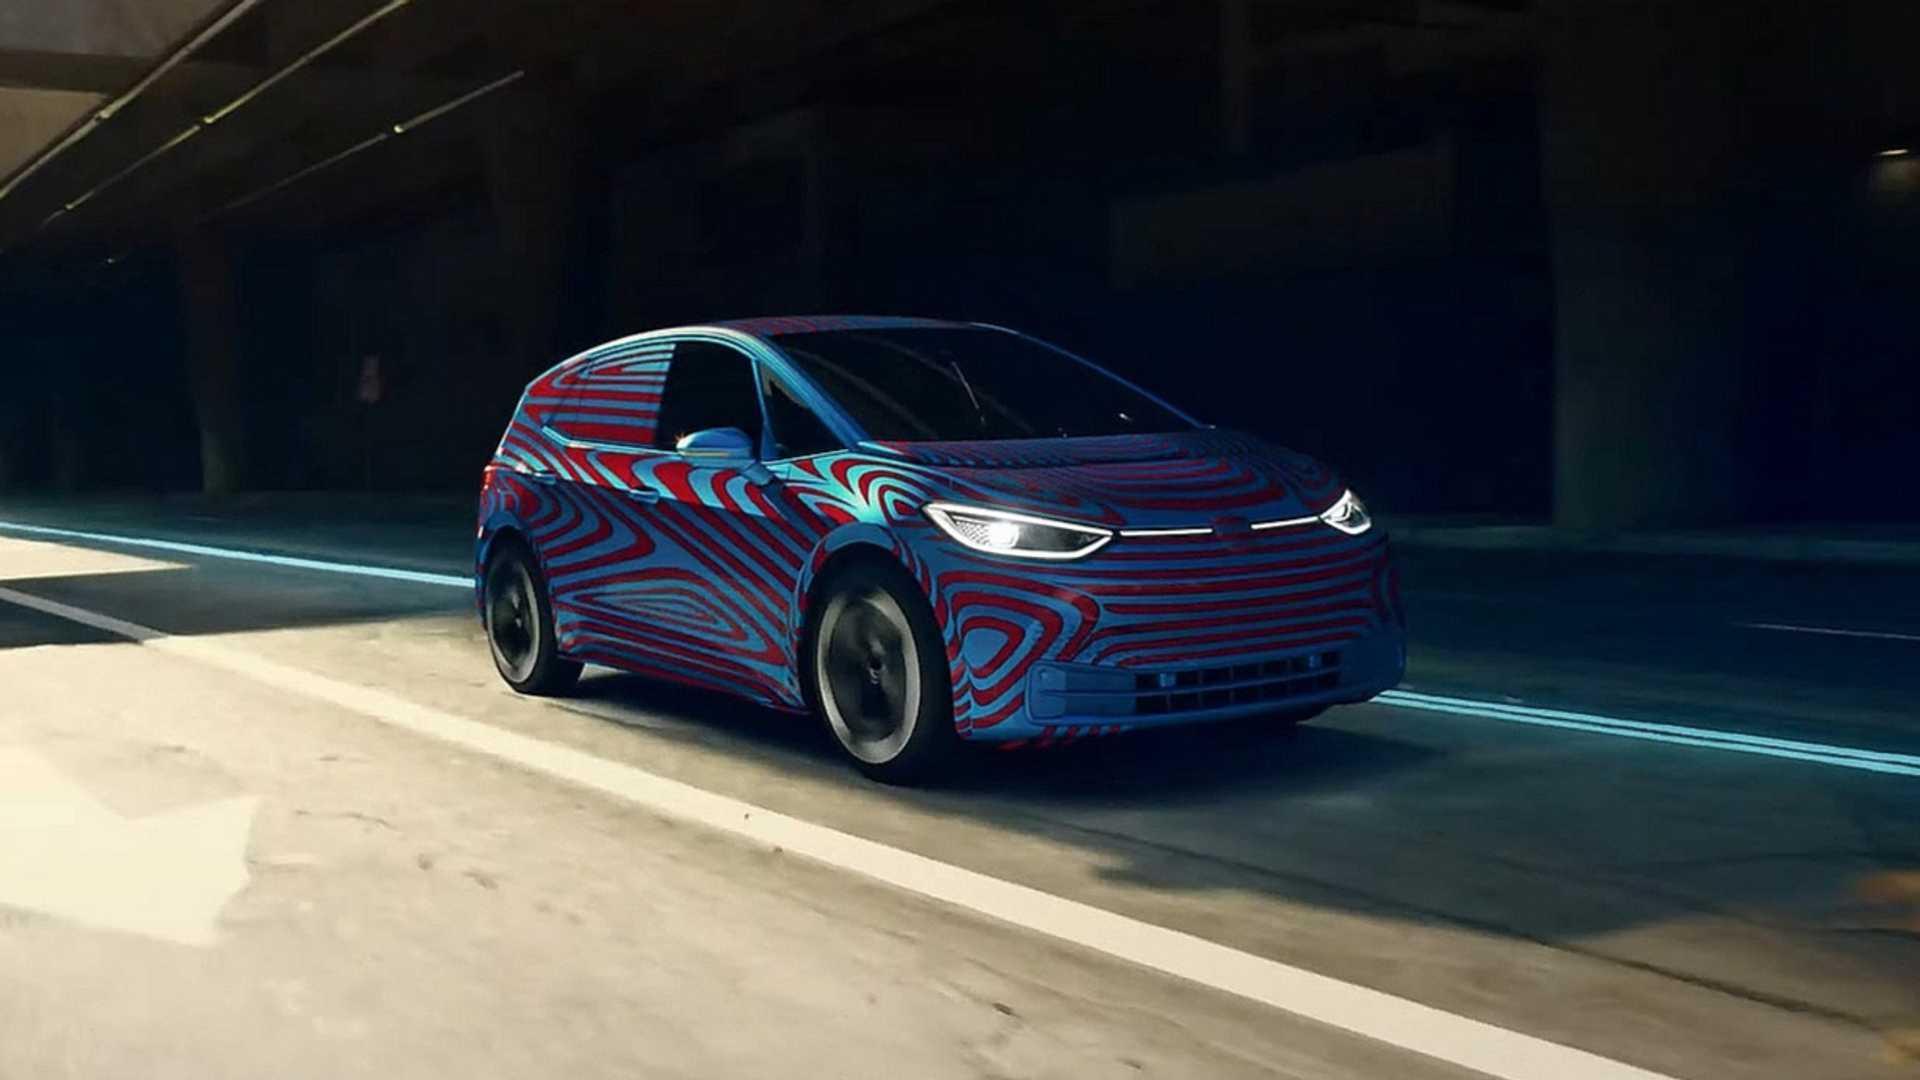 Volkswagen ID.3 ufficiale: ecco l'alternativa alla Tesla Model 3 da circa 30.000 euro 2